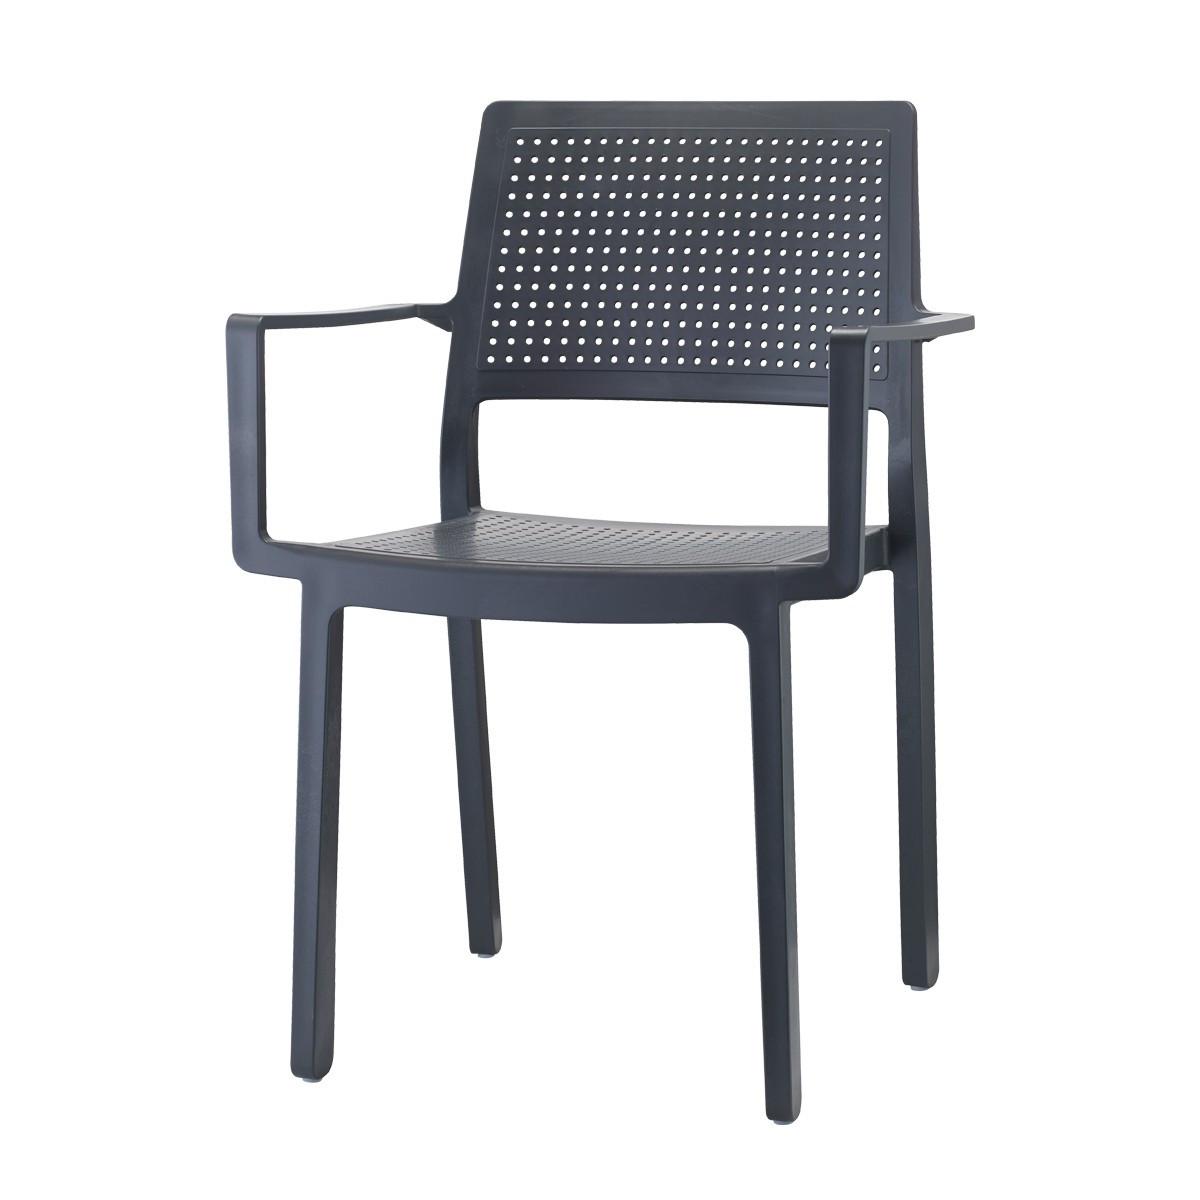 Крісло Emi з підлокітниками  SCAB antracite